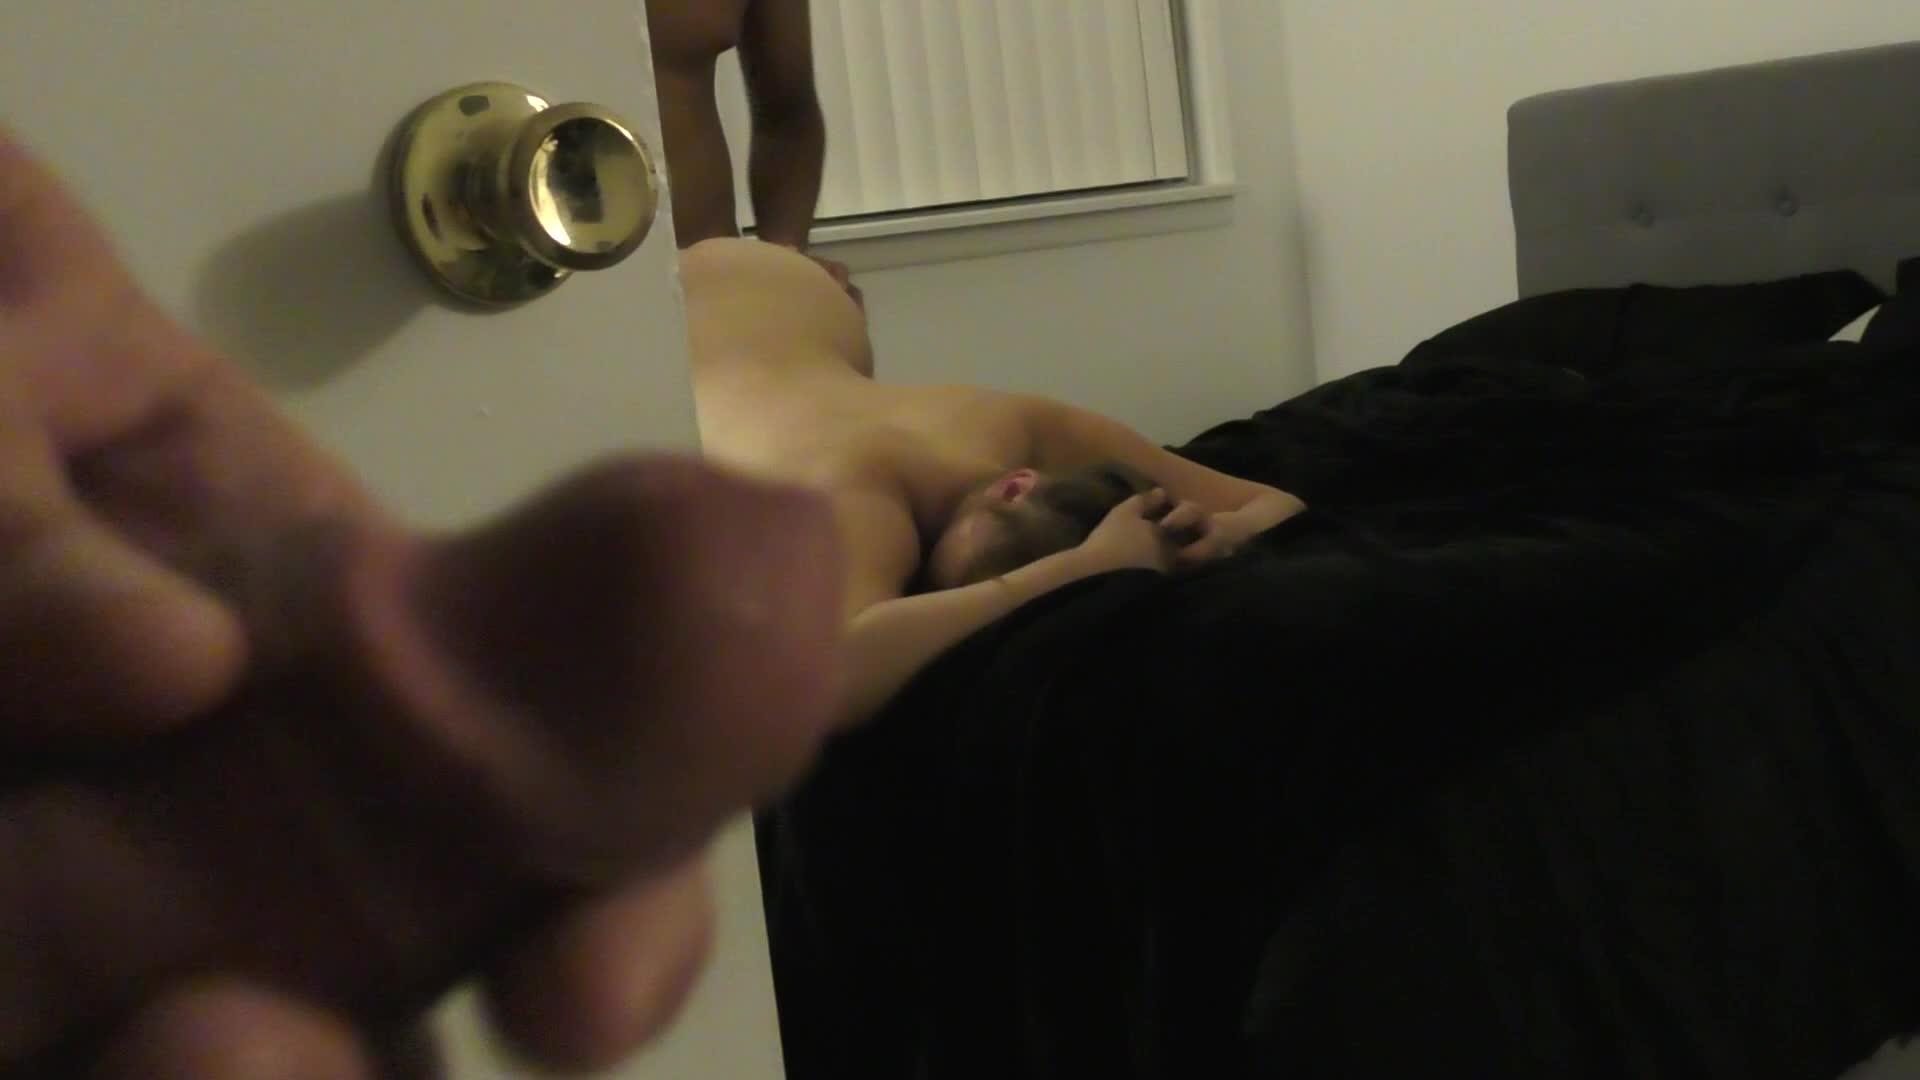 Rough Sensual Lesbian Sex